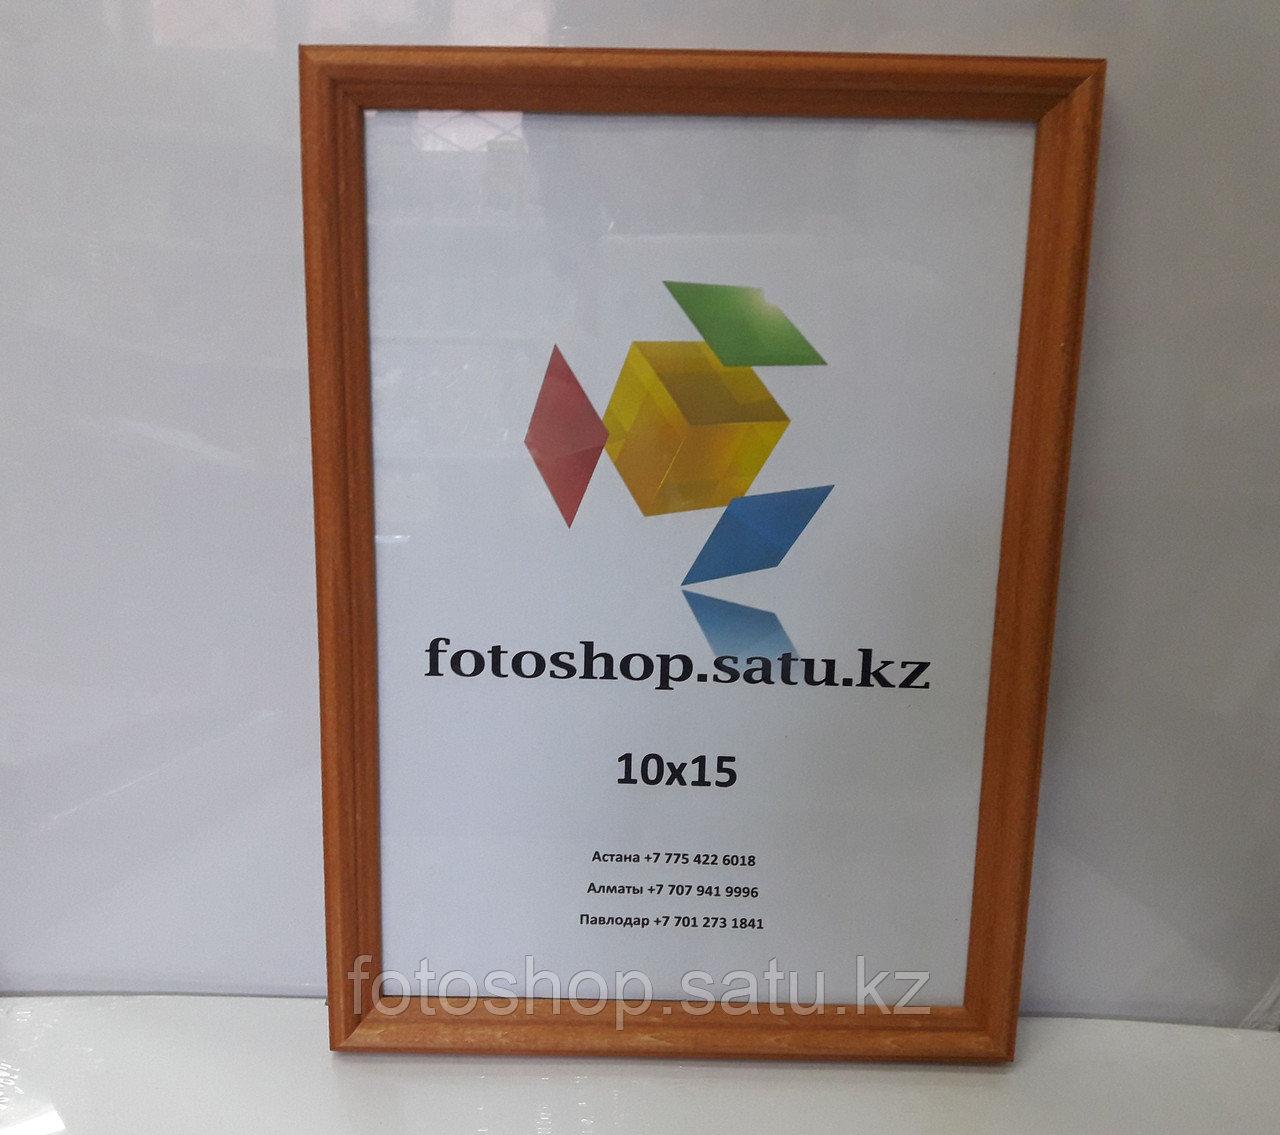 Фоторамка деревянная со стеклом 10*15 - фото 1